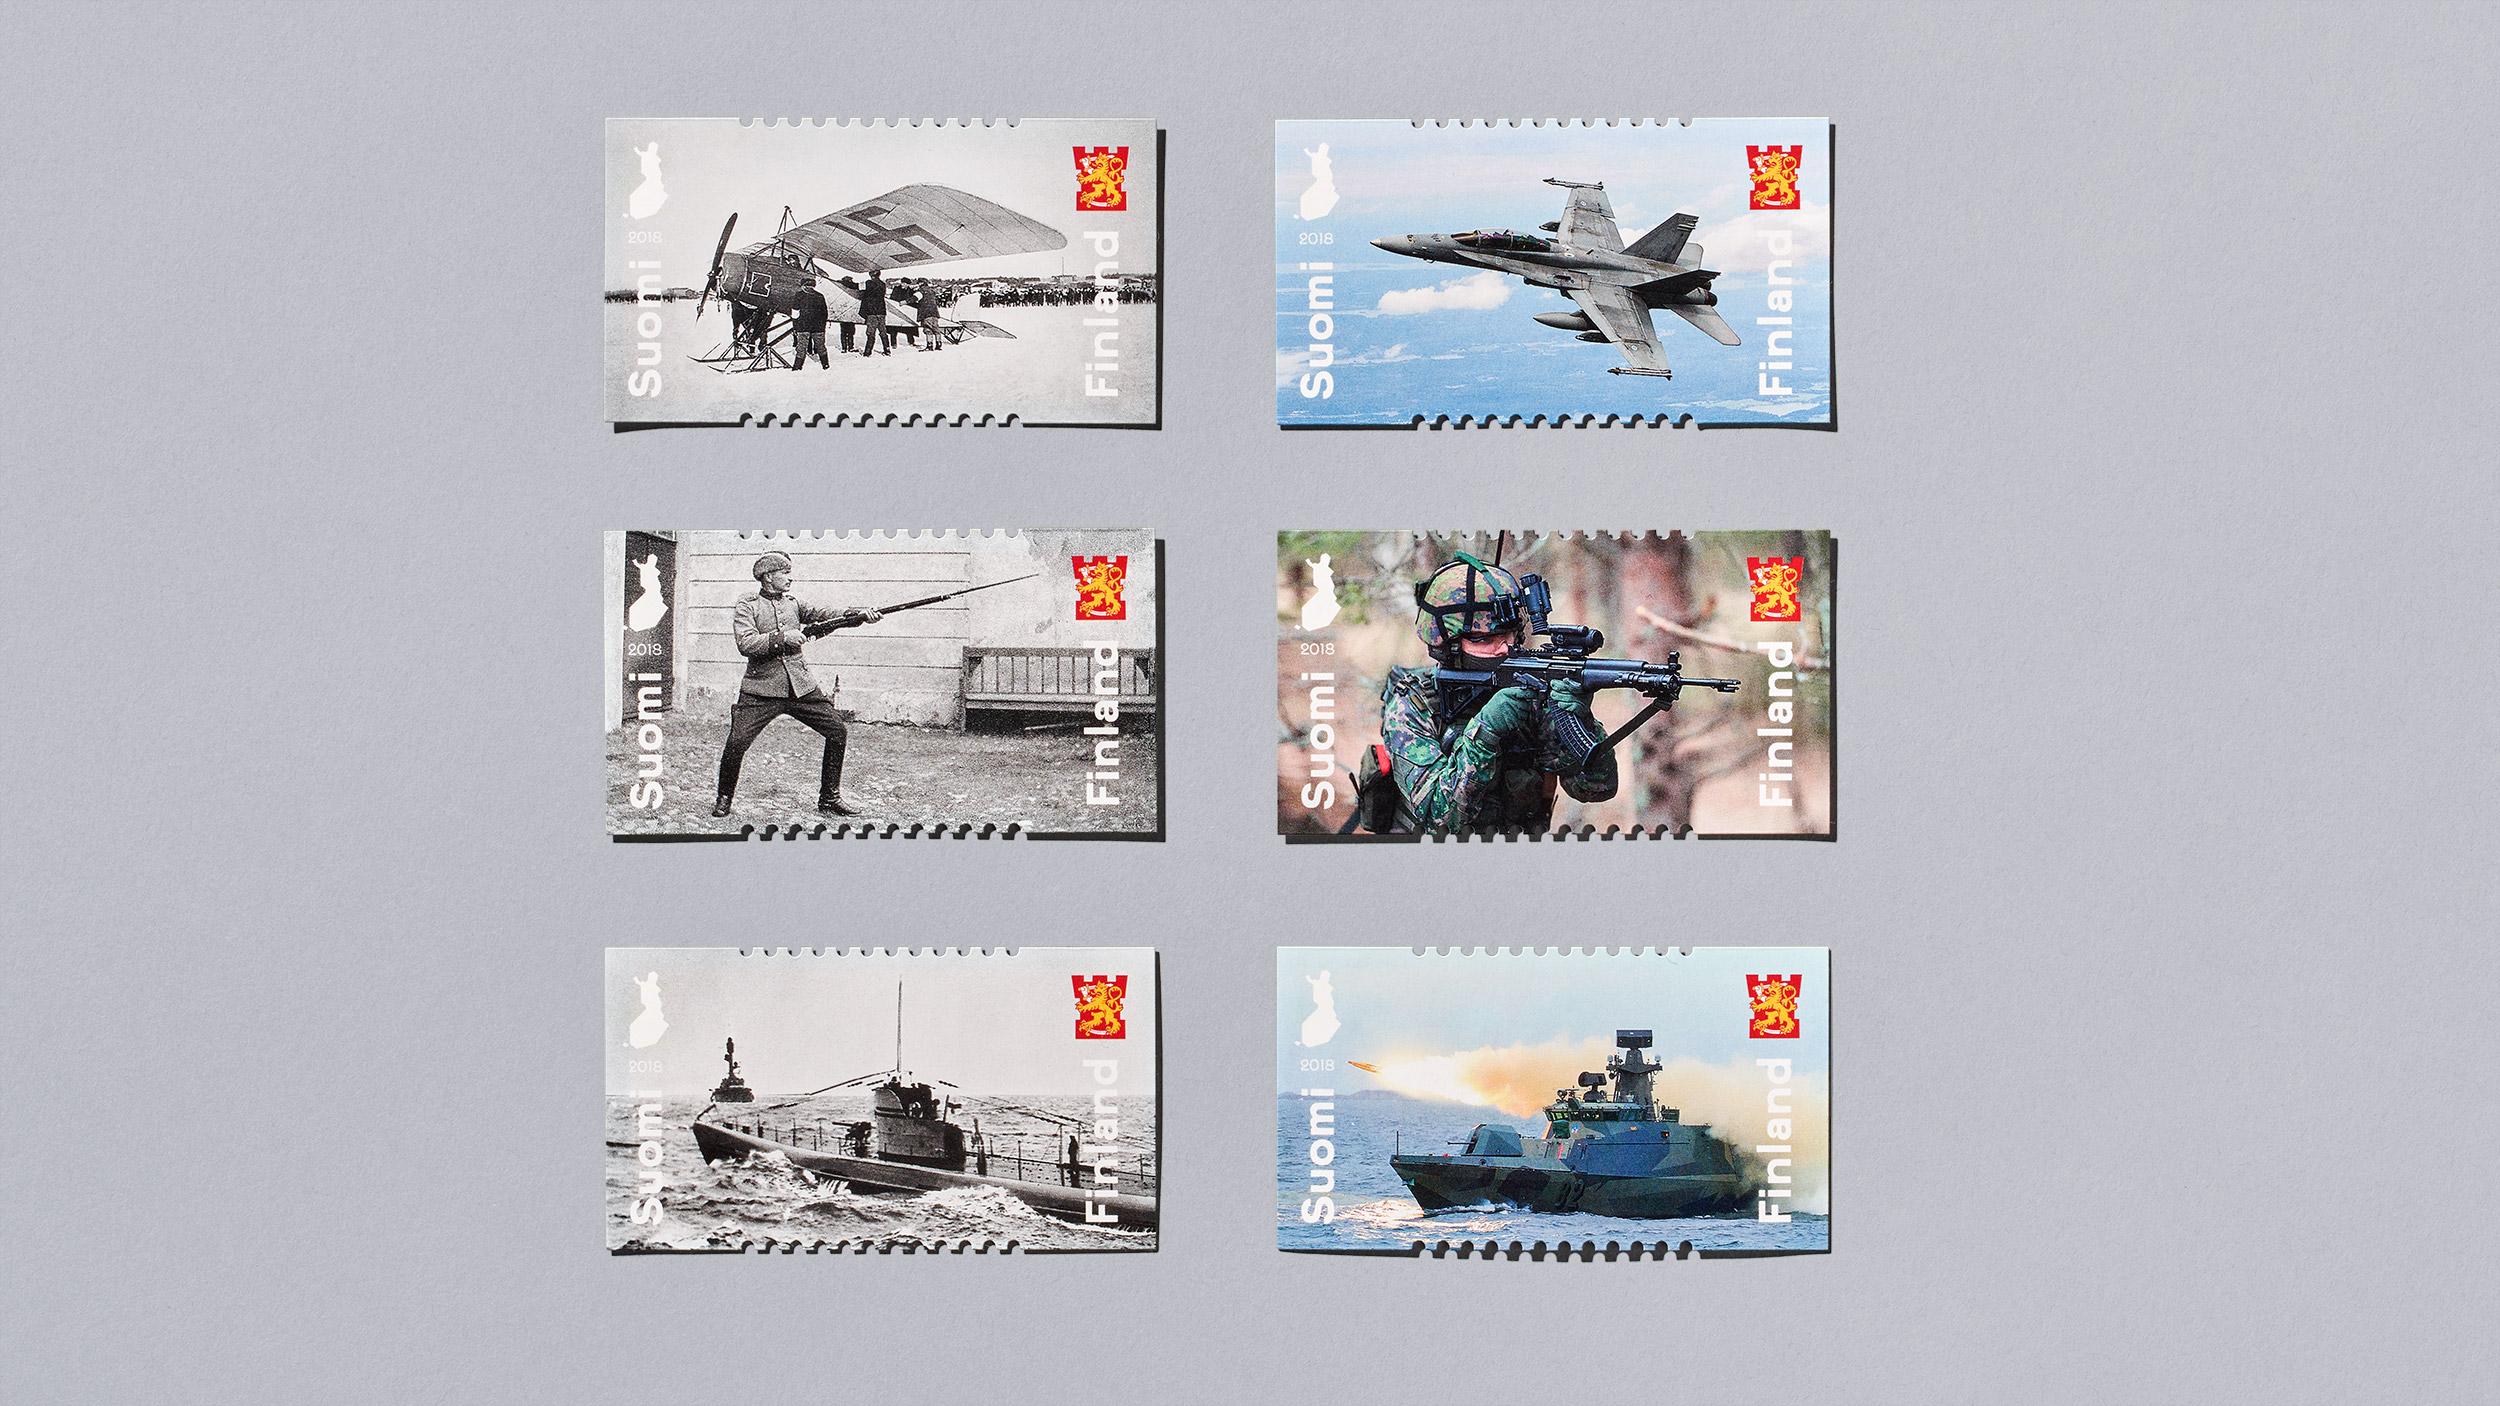 Postimerkki kuvaa Puolustusvoimien historiaa ja nykypäivää.